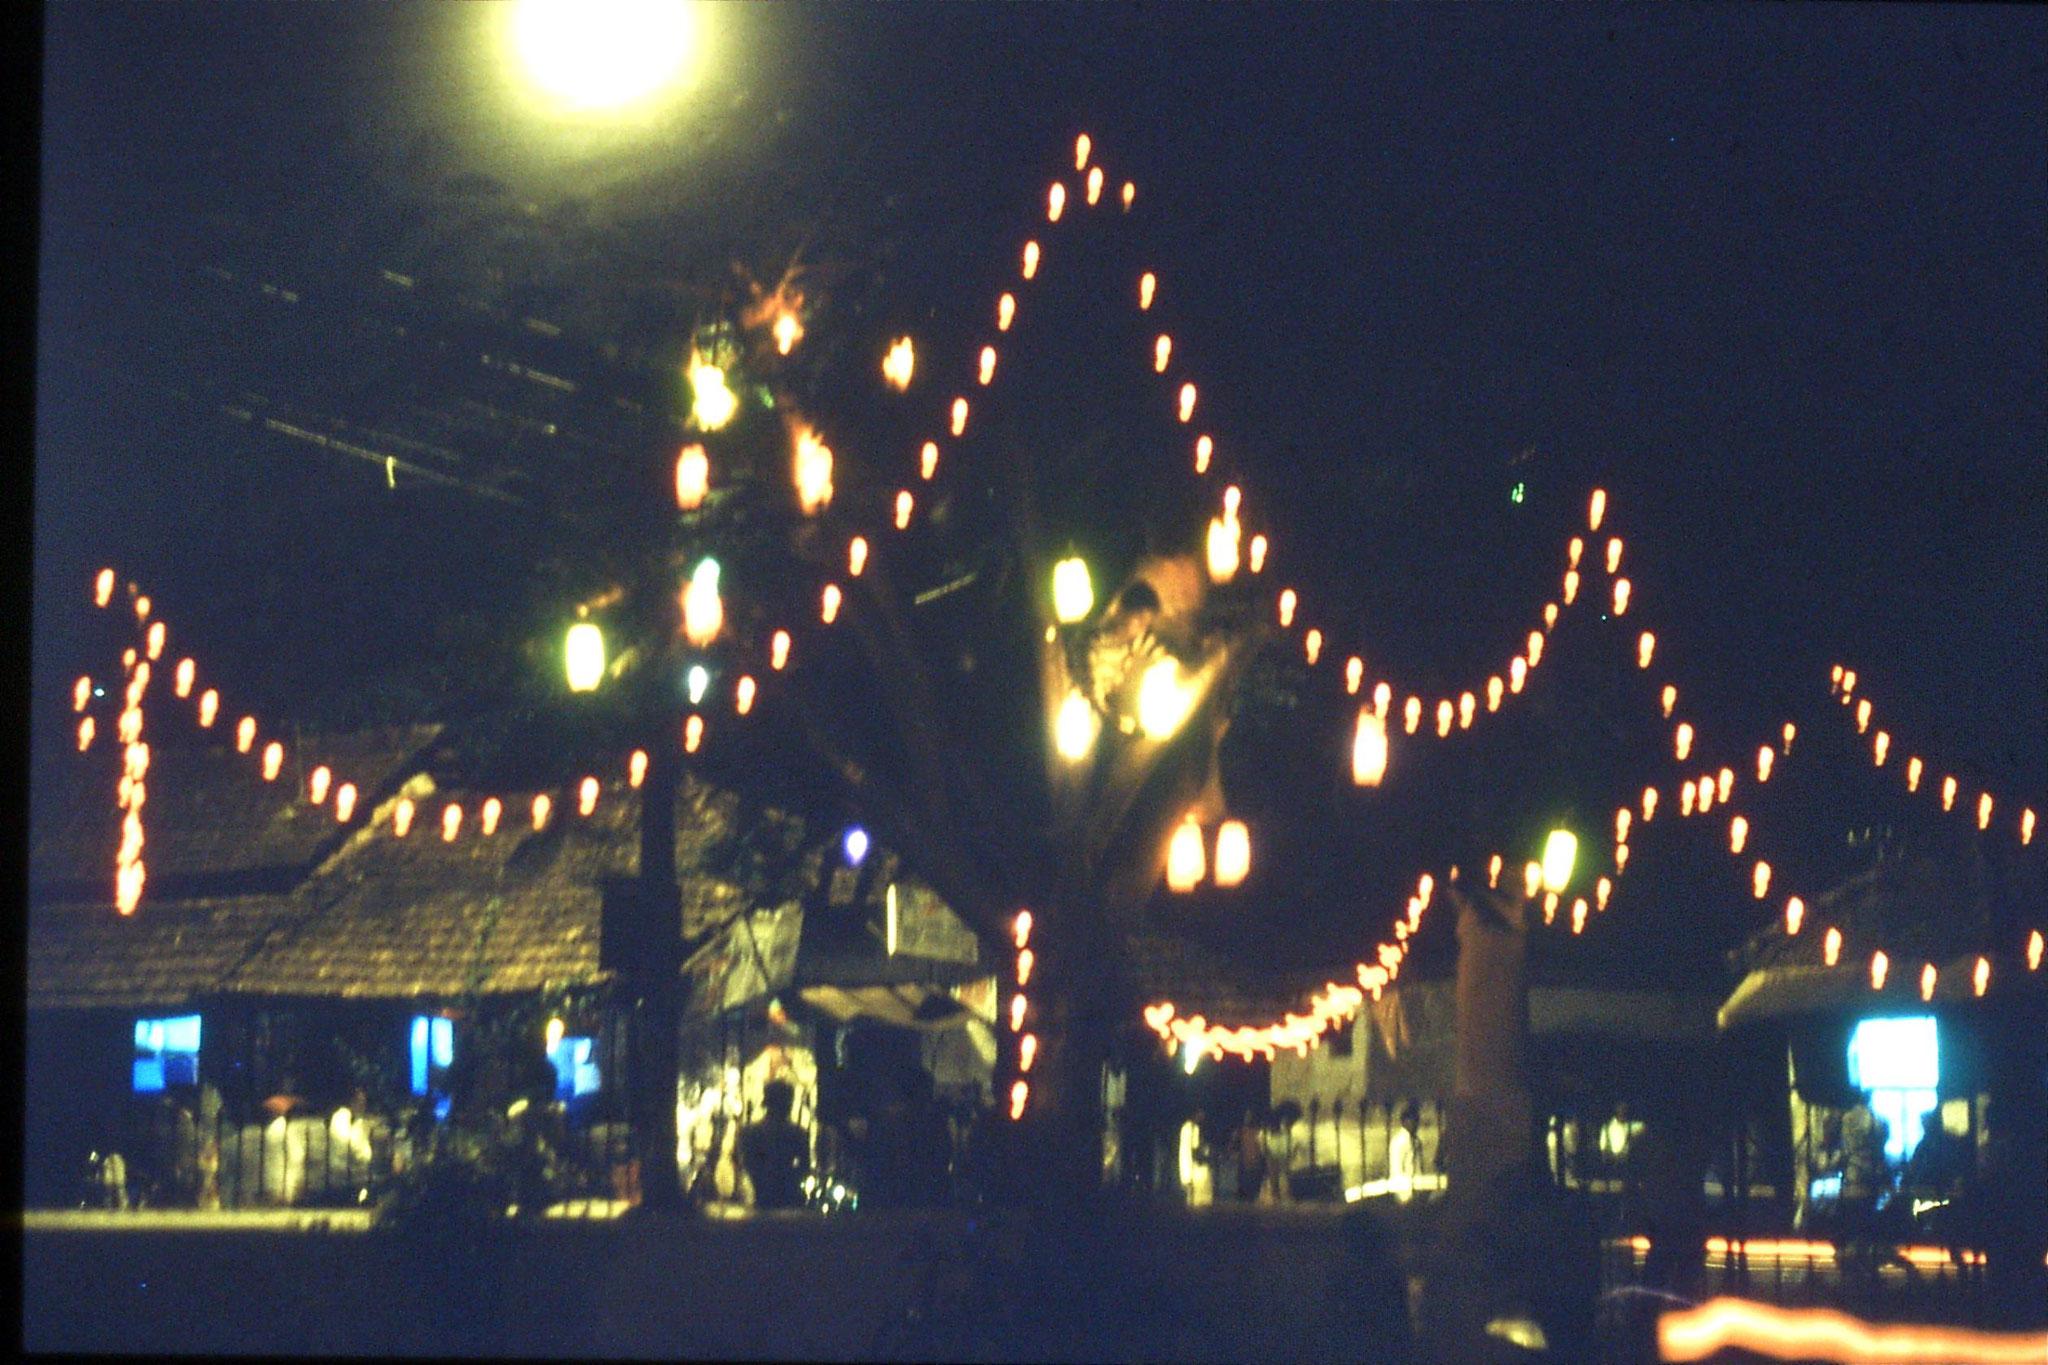 28/12/1989: 22: Goa Siolim decorations on church